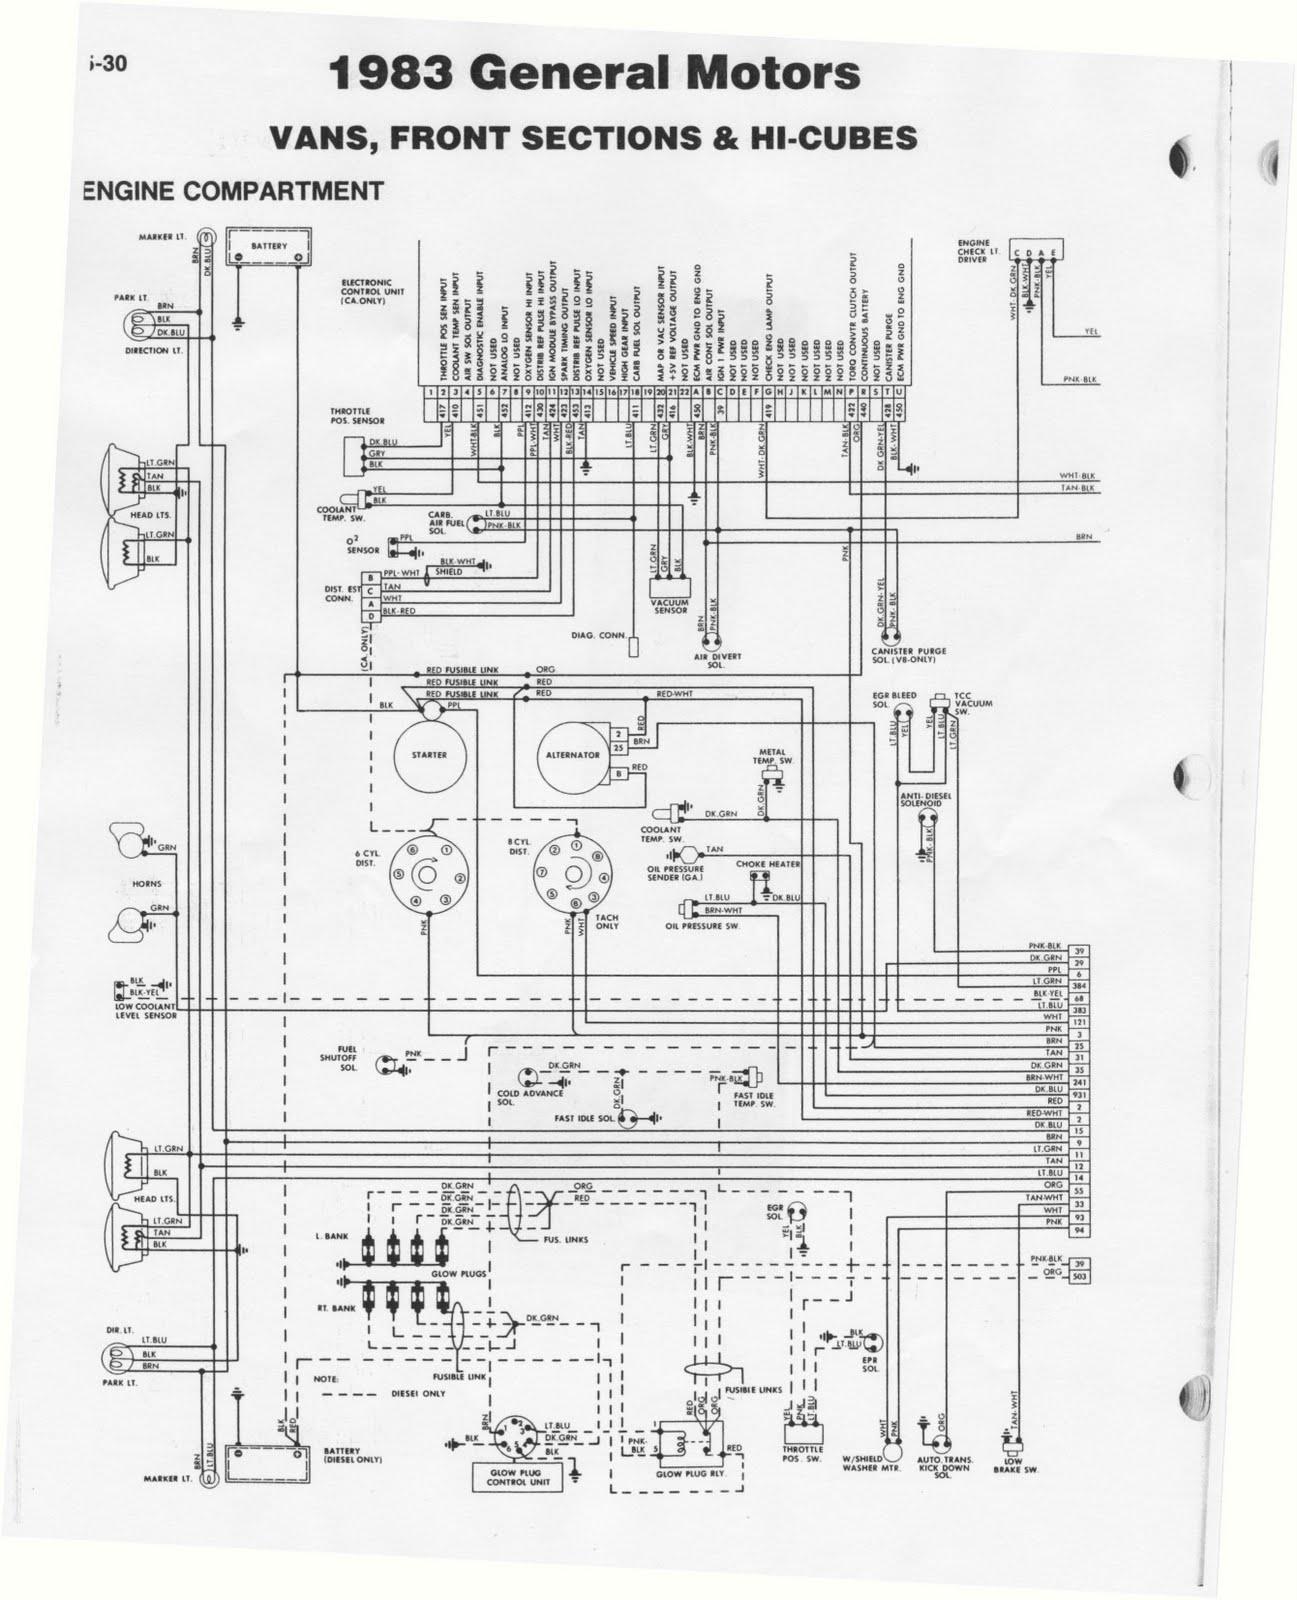 holiday rambler wiring diagram ac wiring diagram wyoming map usa, Wiring diagram